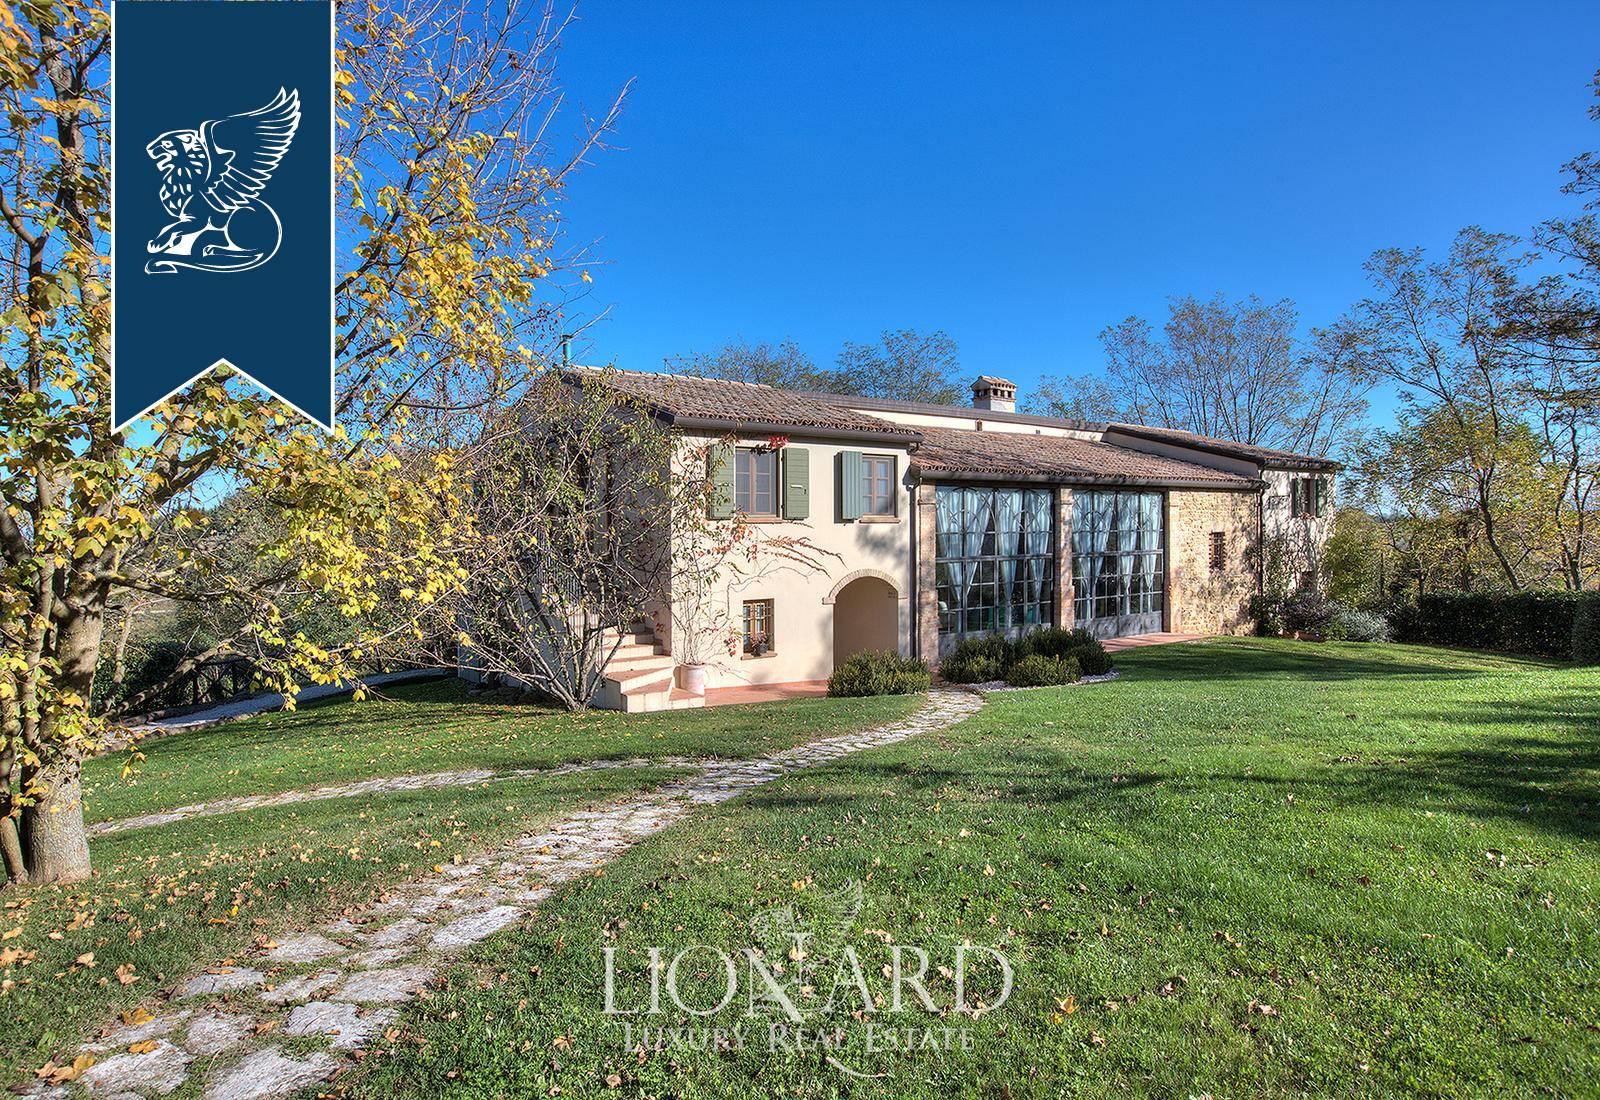 Villa in Vendita a Roncofreddo: 0 locali, 700 mq - Foto 5